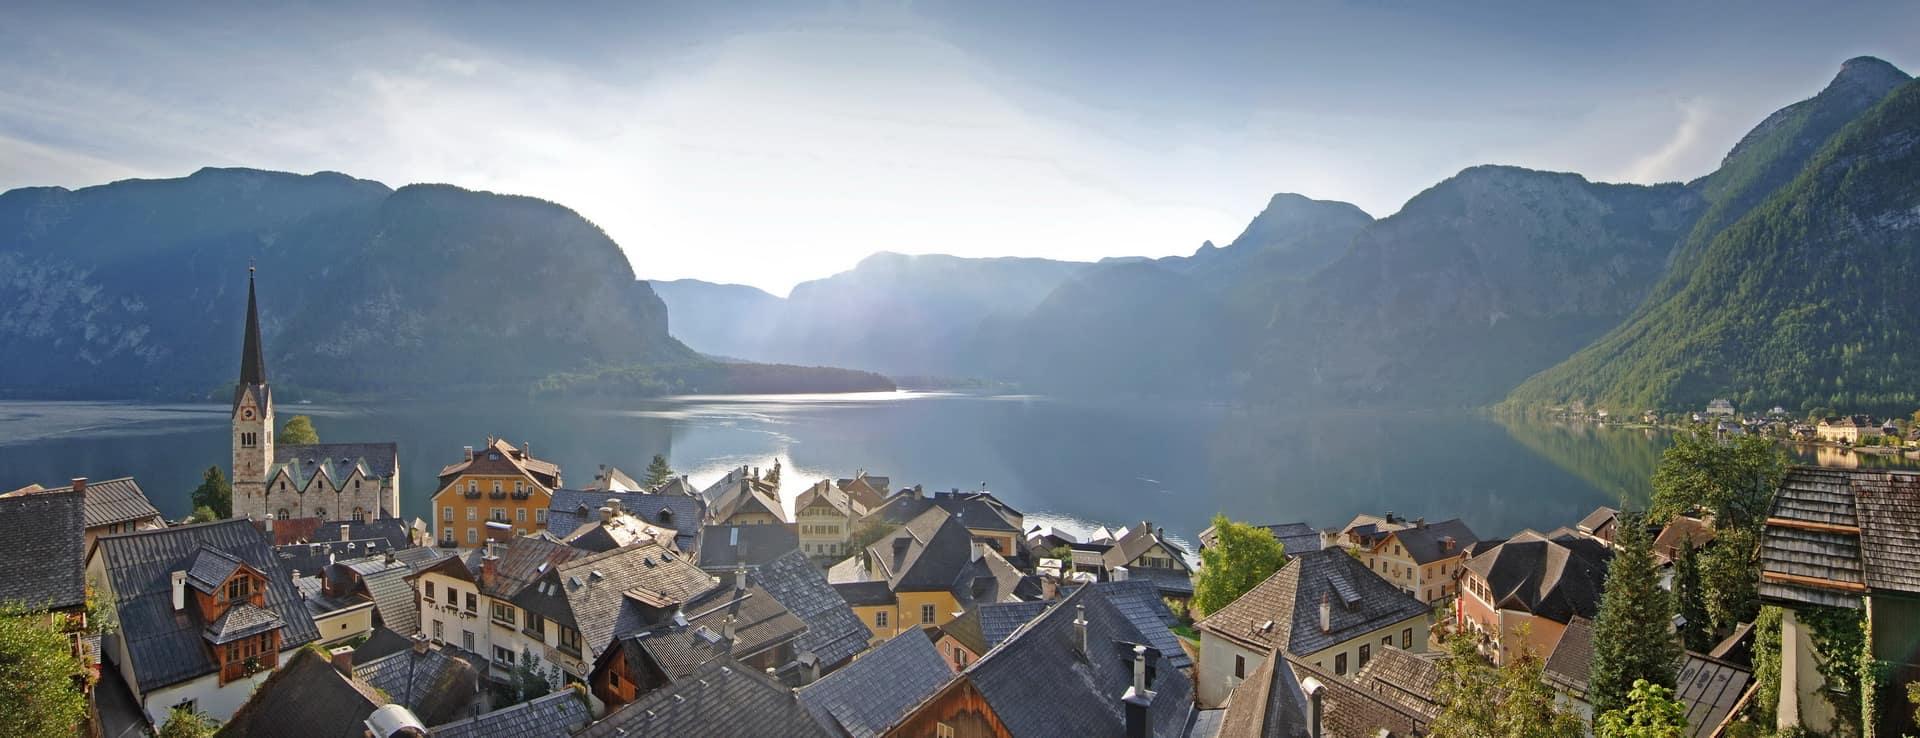 Hallstatt - semester i Österrike med Austria Travel